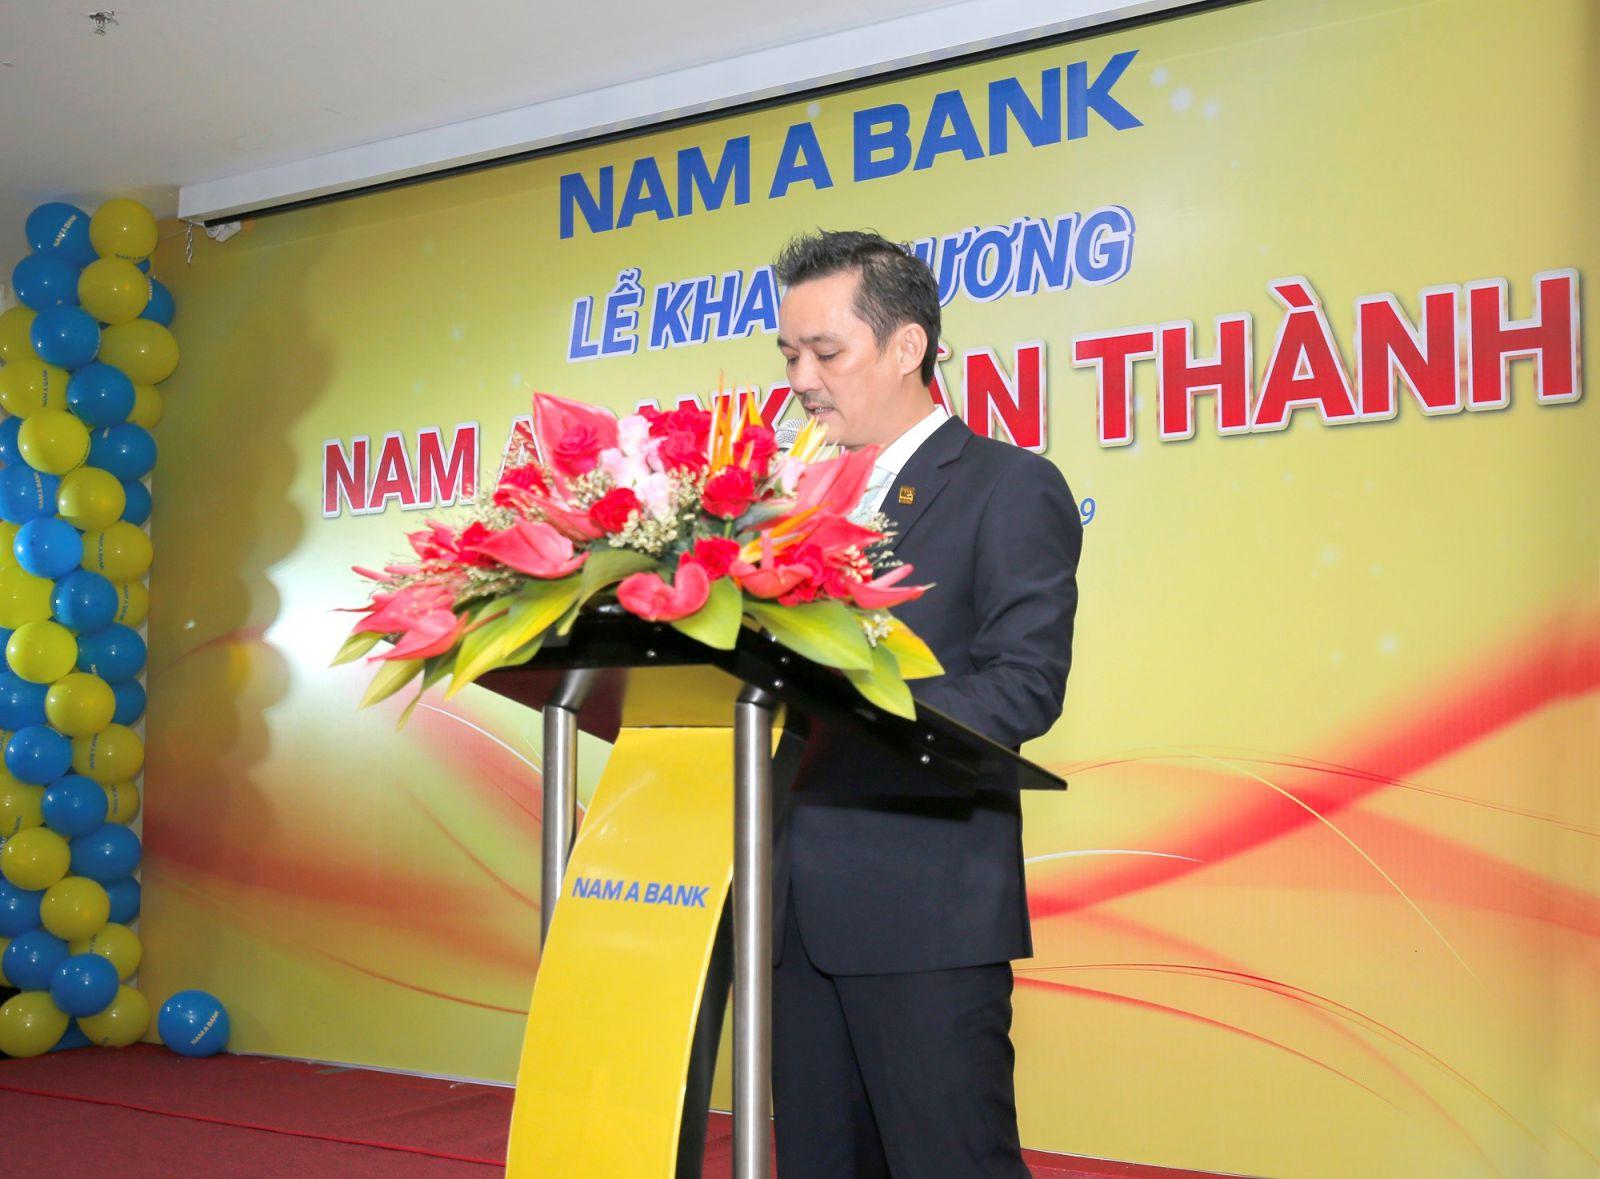 Ông Nguyễn Duy Phương – Phó Giám đốc Nam A Bank khu vực miền Đông Nam Bộ phát biểu tại Lễ khai trương Nam A Bank Tân Thành - Bà Rịa Vũng Tàu.